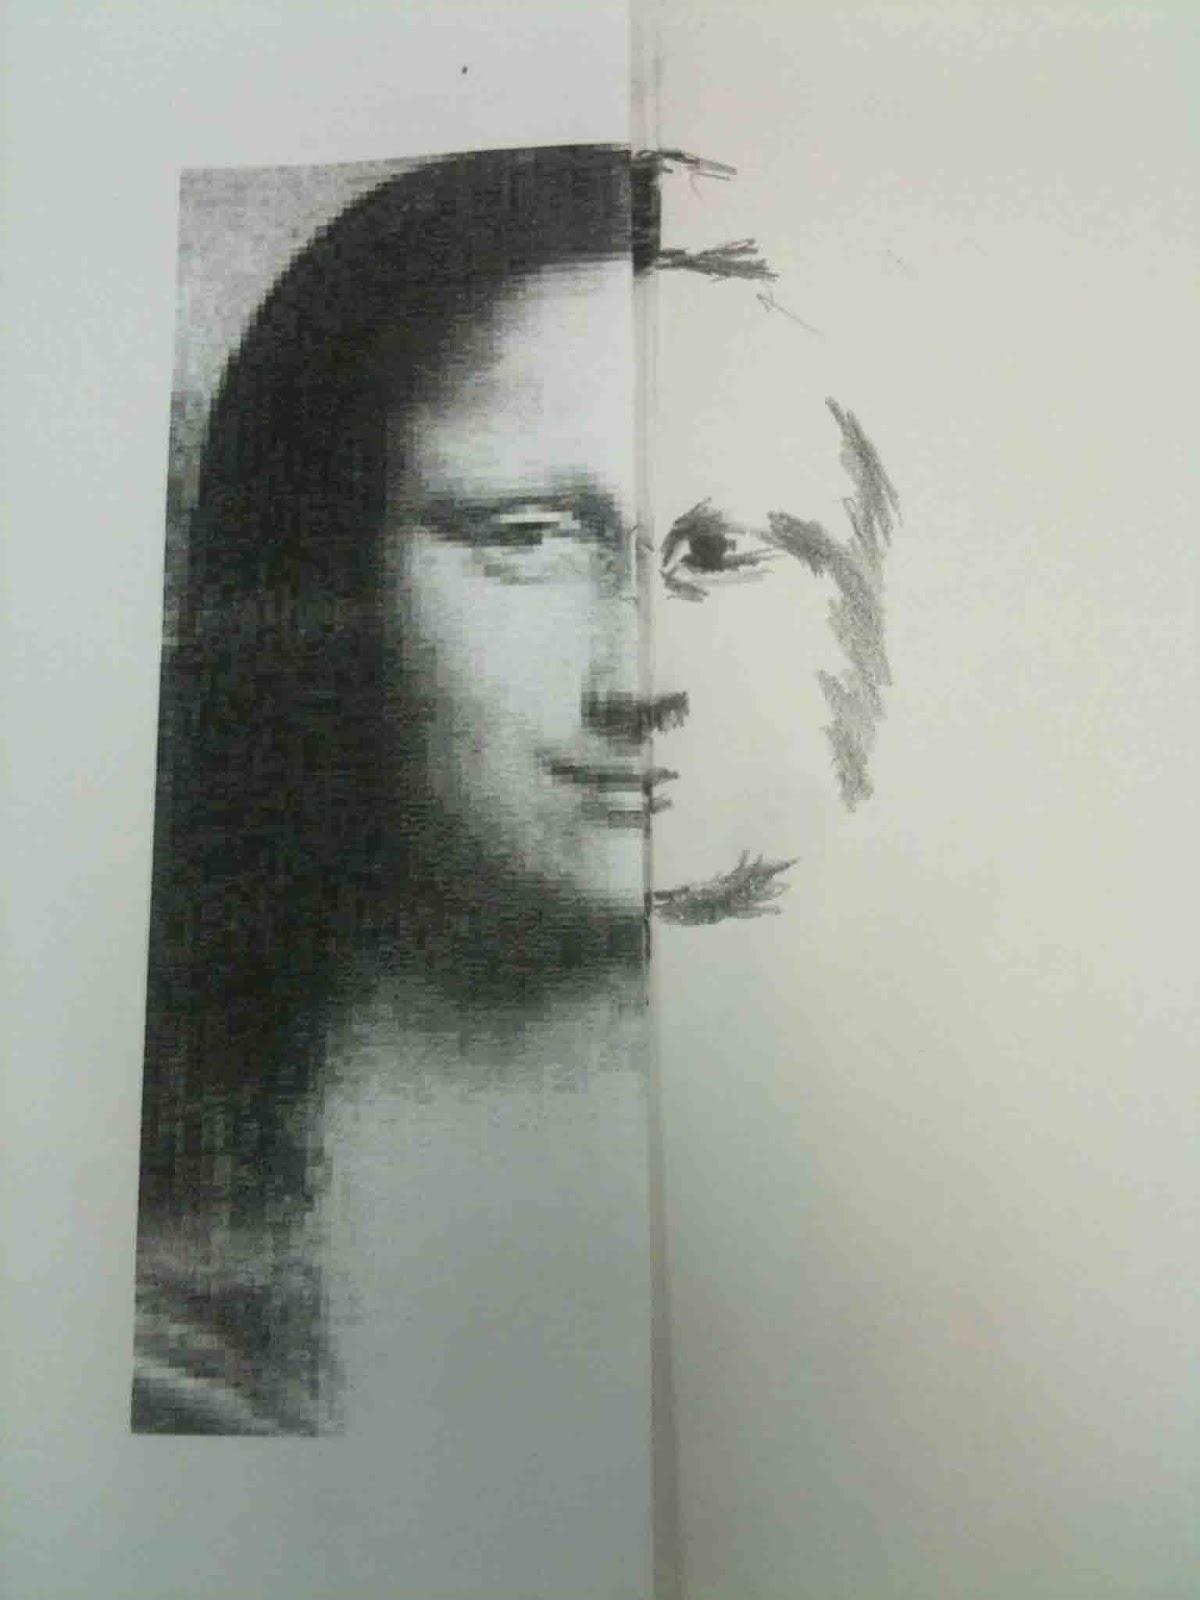 http://2.bp.blogspot.com/_F94JTwTwuvM/TNyw2L7MJGI/AAAAAAAAAEw/S3o-BWlycCQ/s1600/M+starting+to+draw+the+other+side.JPG